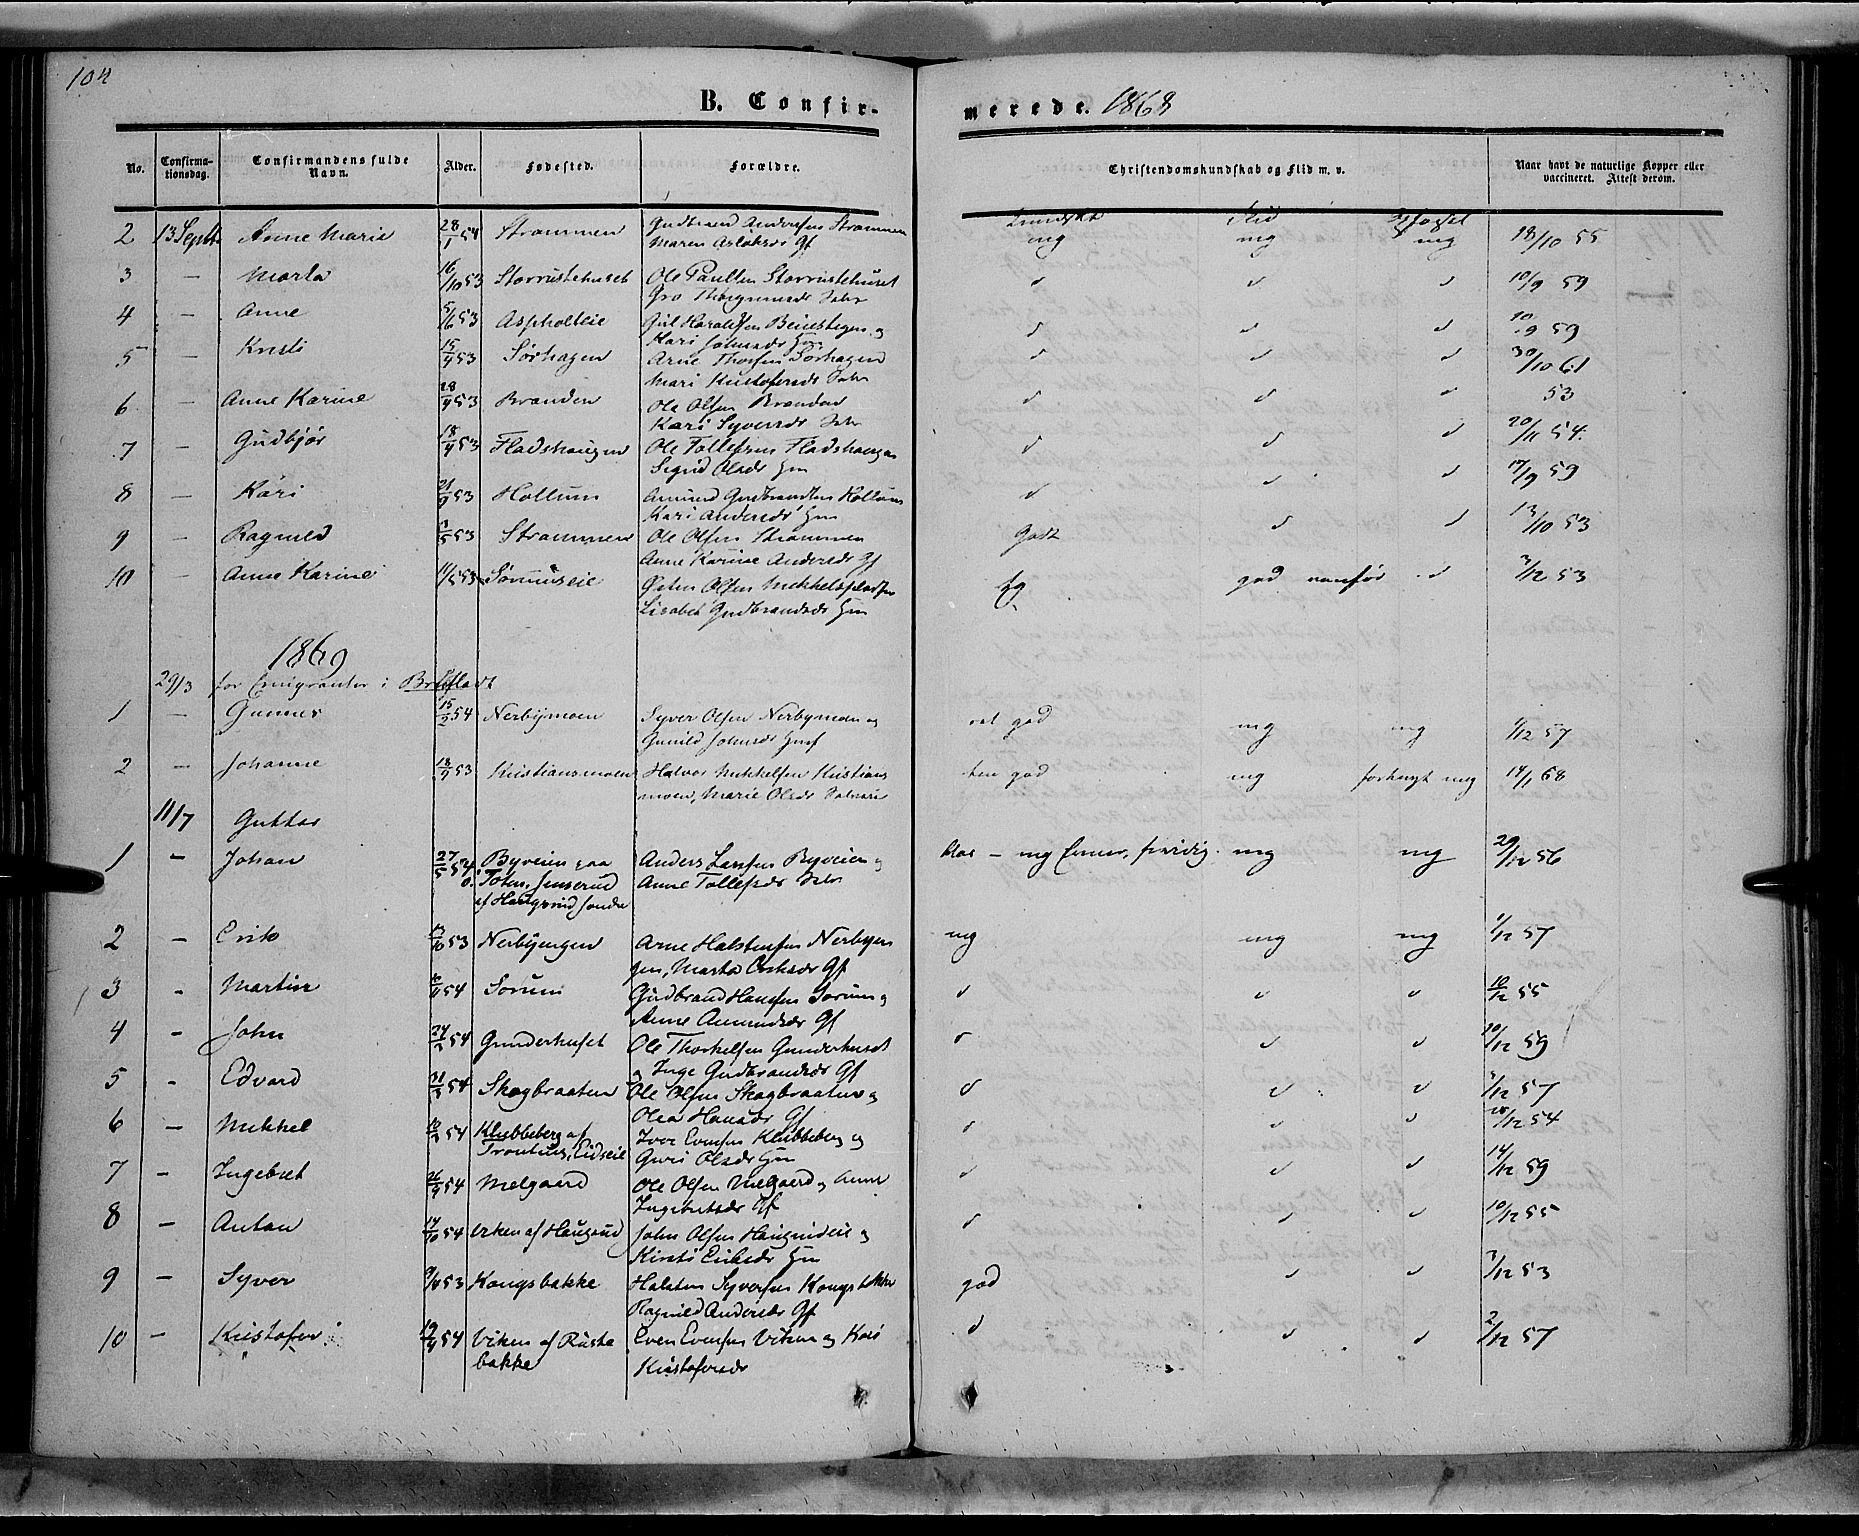 SAH, Sør-Aurdal prestekontor, Ministerialbok nr. 7, 1849-1876, s. 104